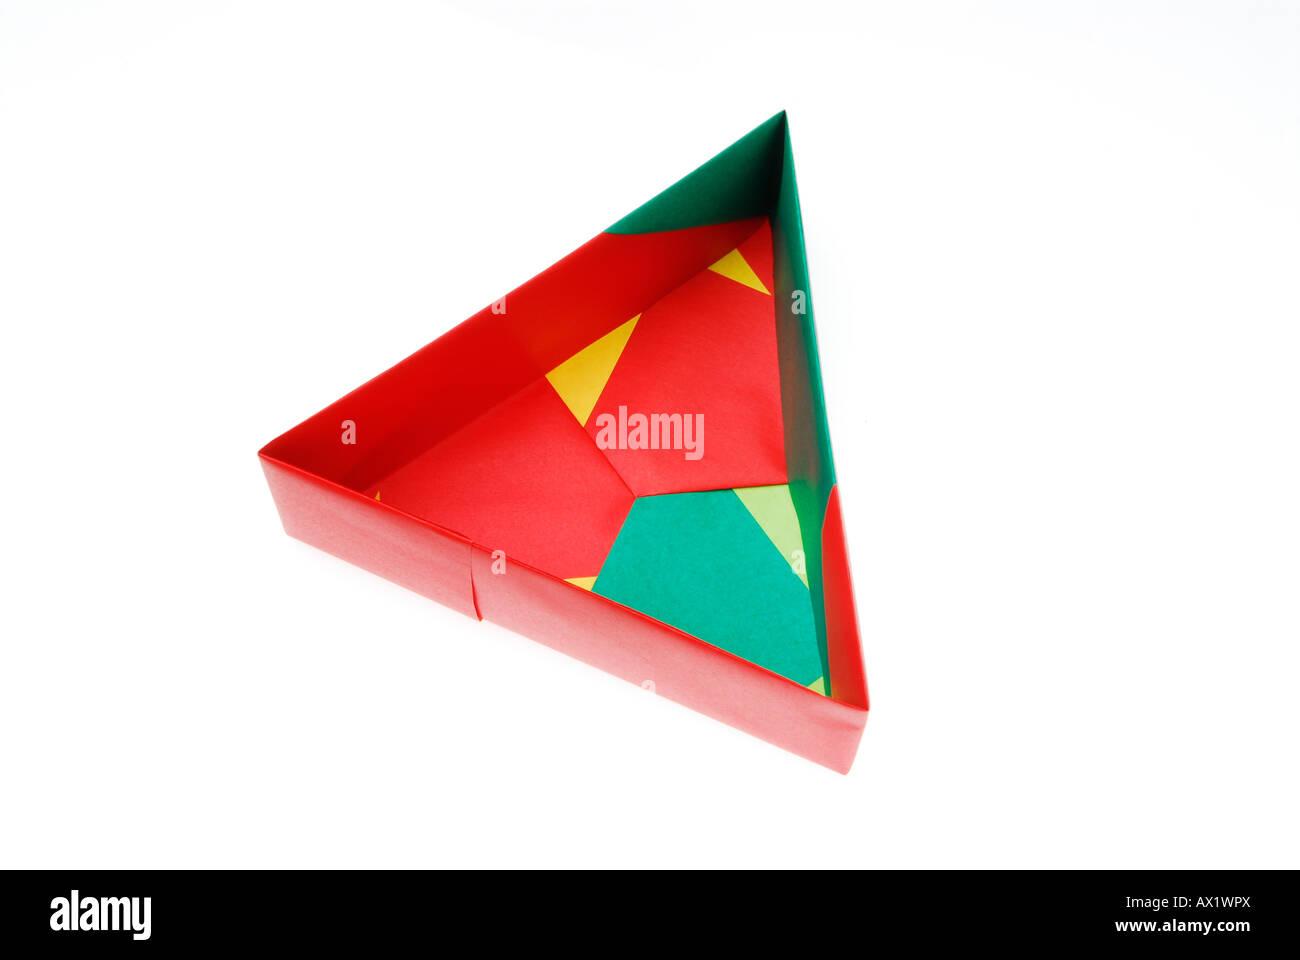 Origami folding, three-sided box - Stock Image